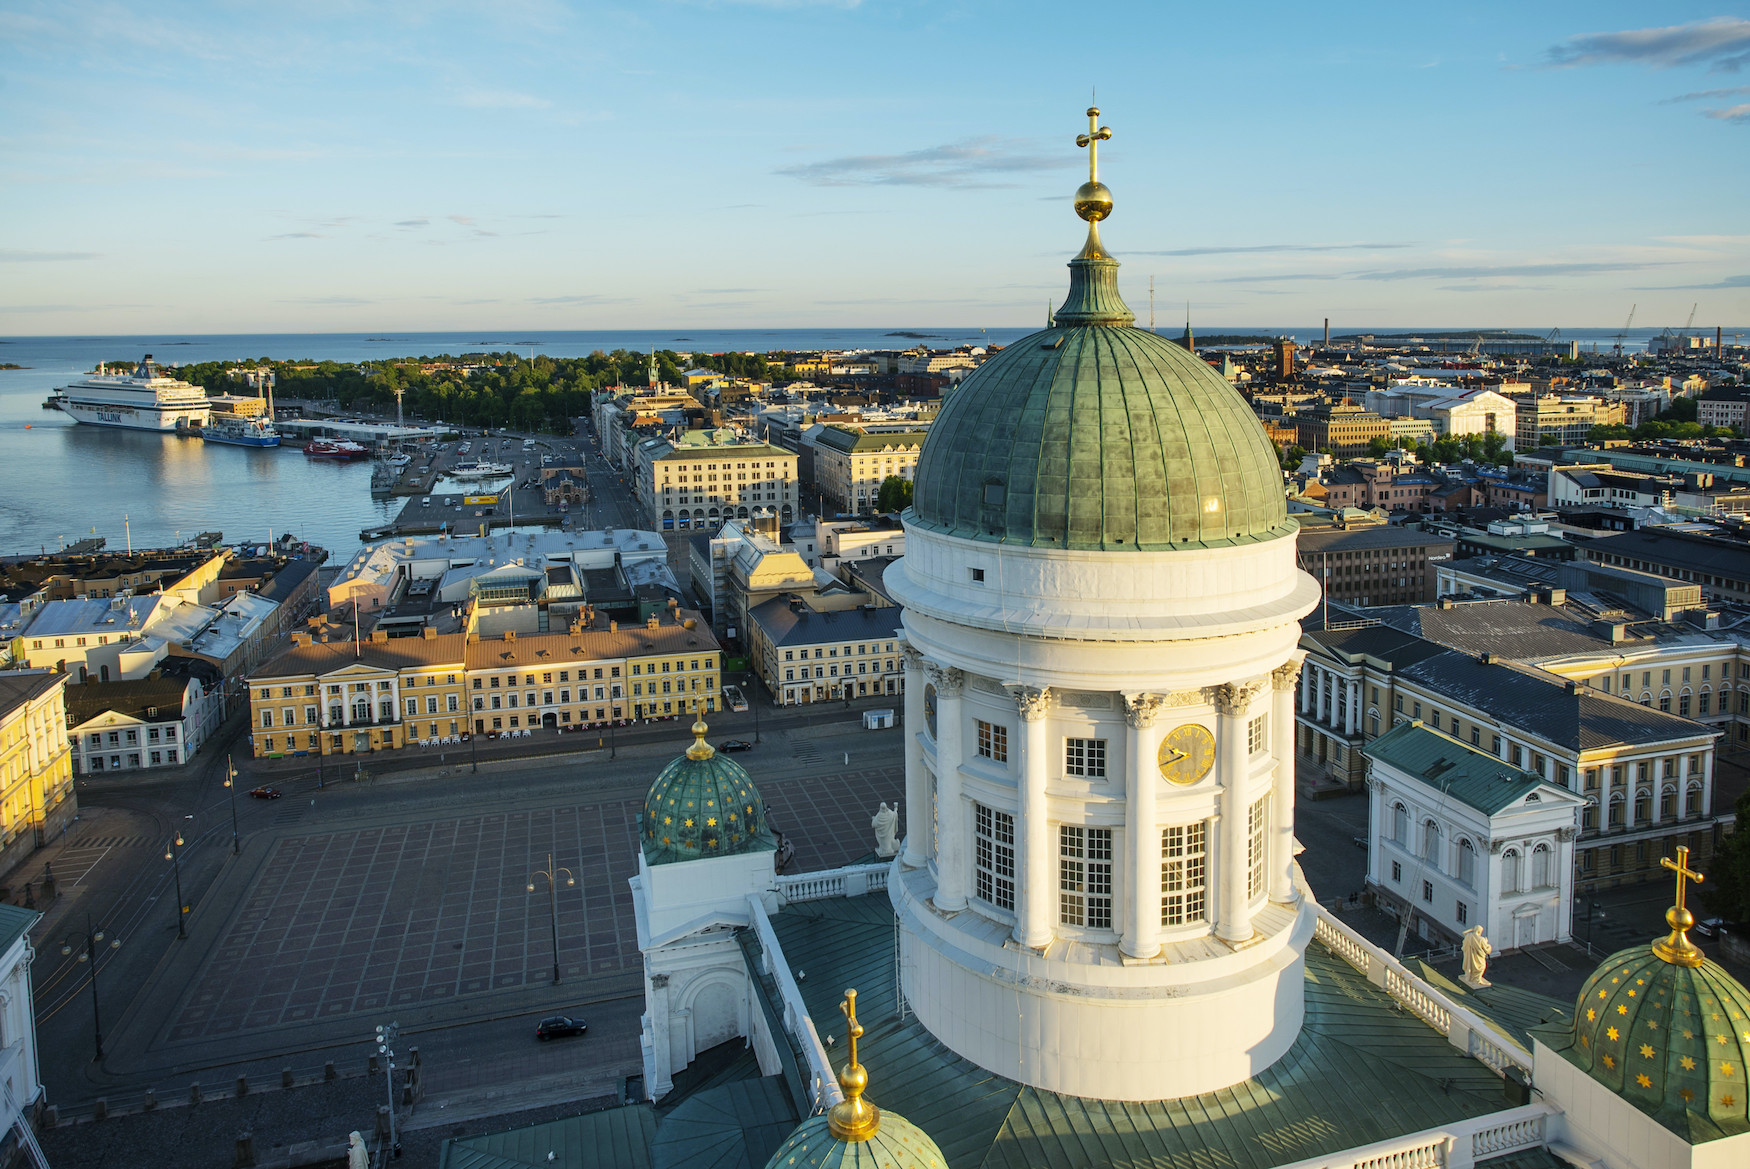 Sehnsucht Bucketlist: Helsinki und ein Stück Freiheit